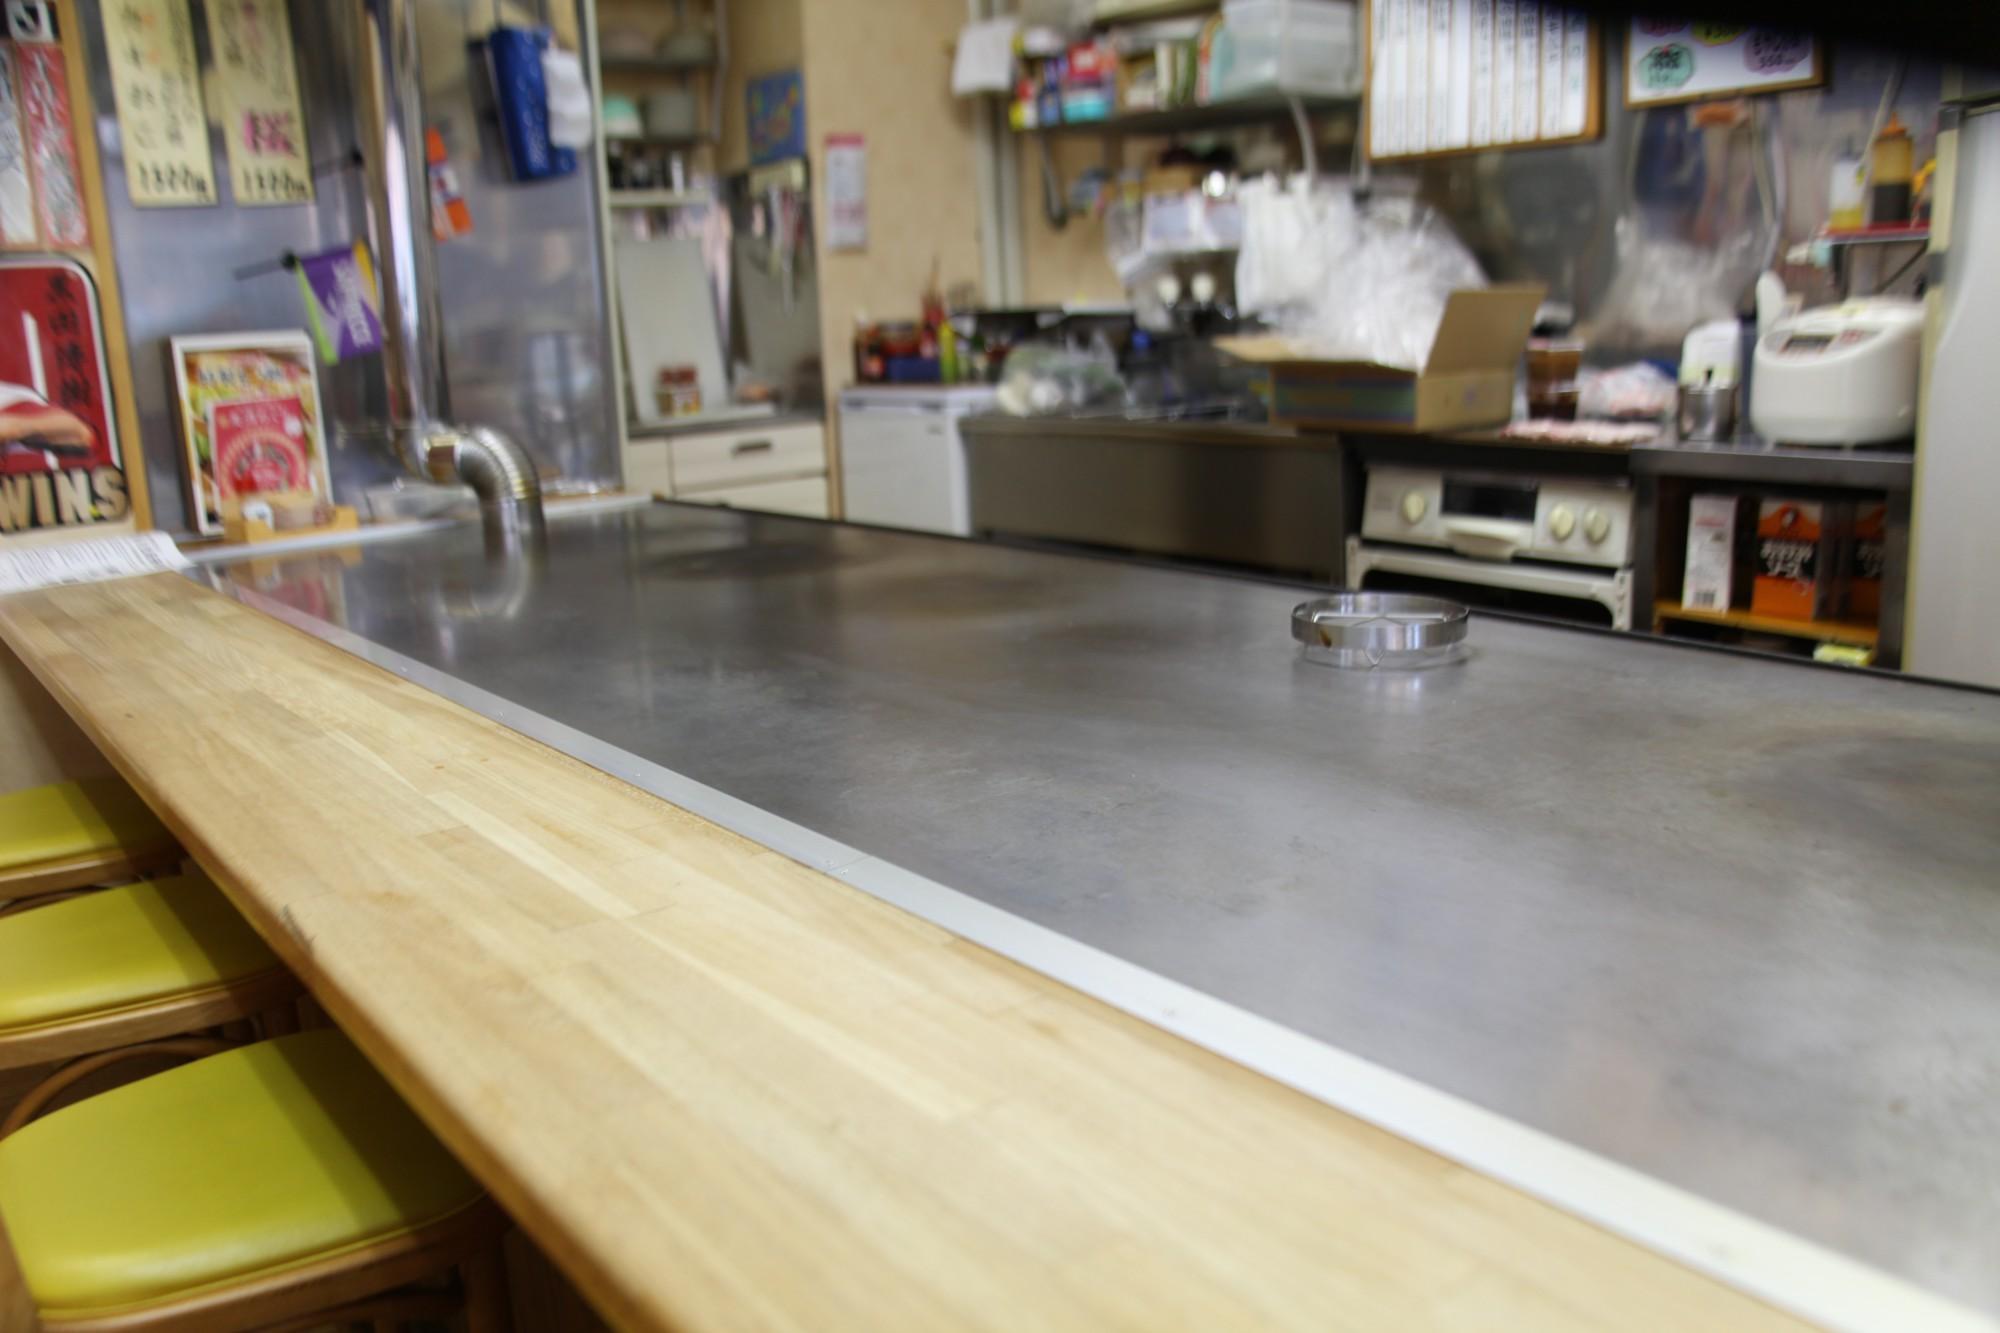 鉄板は、長岡で勤めていた会社の同僚が「お祝いに」と送ってくれた特注品。広島でも珍しいという、継ぎ目のない一枚モノだ。